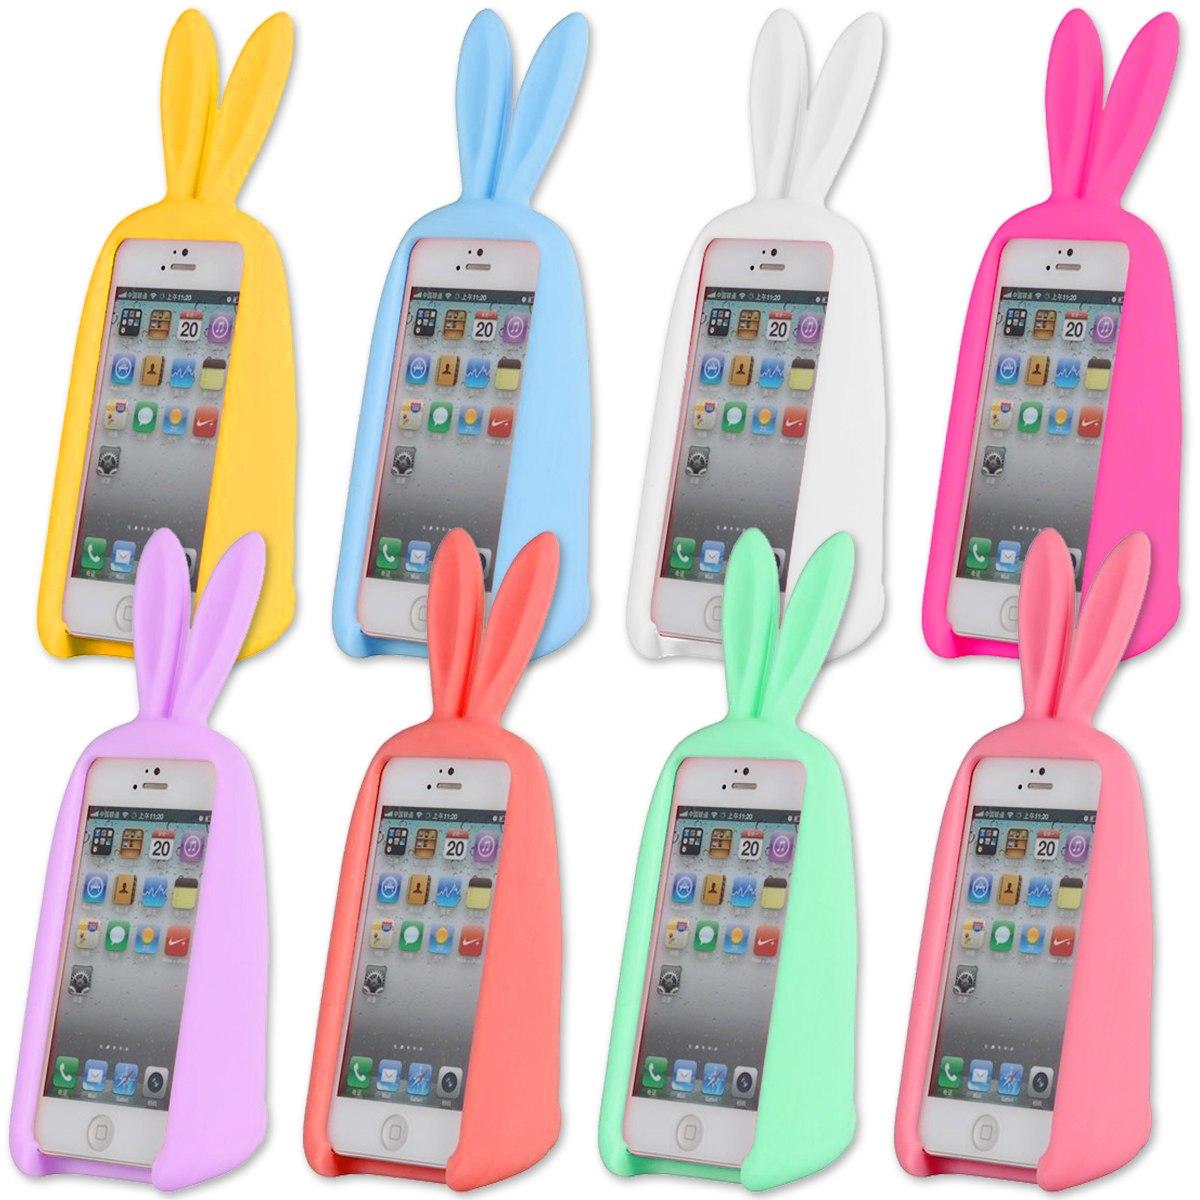 iphone 3 gratis